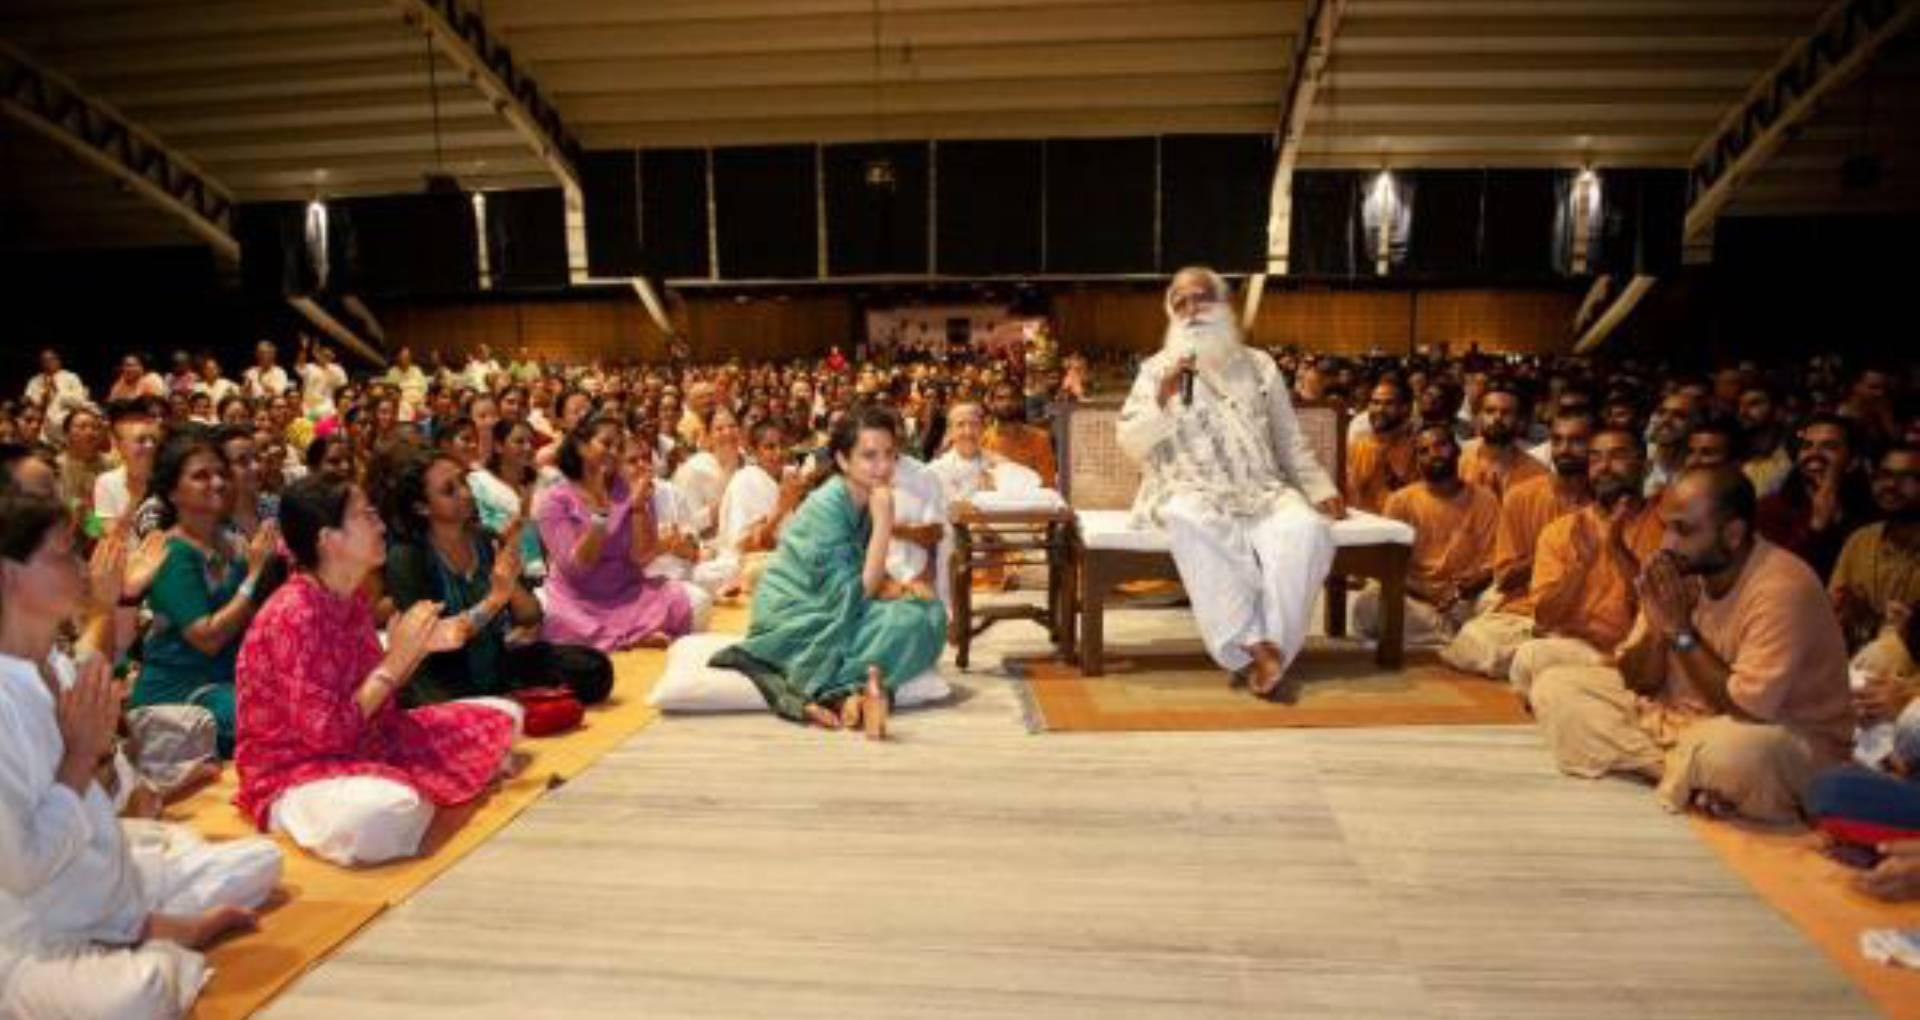 कंगना रनौत ने योगा सेंटर में की मणिकर्णिकाः द क्वीन ऑफ झांसी की स्क्रीनिंग, सदगुरू और सेवकों के साथ देखी फिल्म